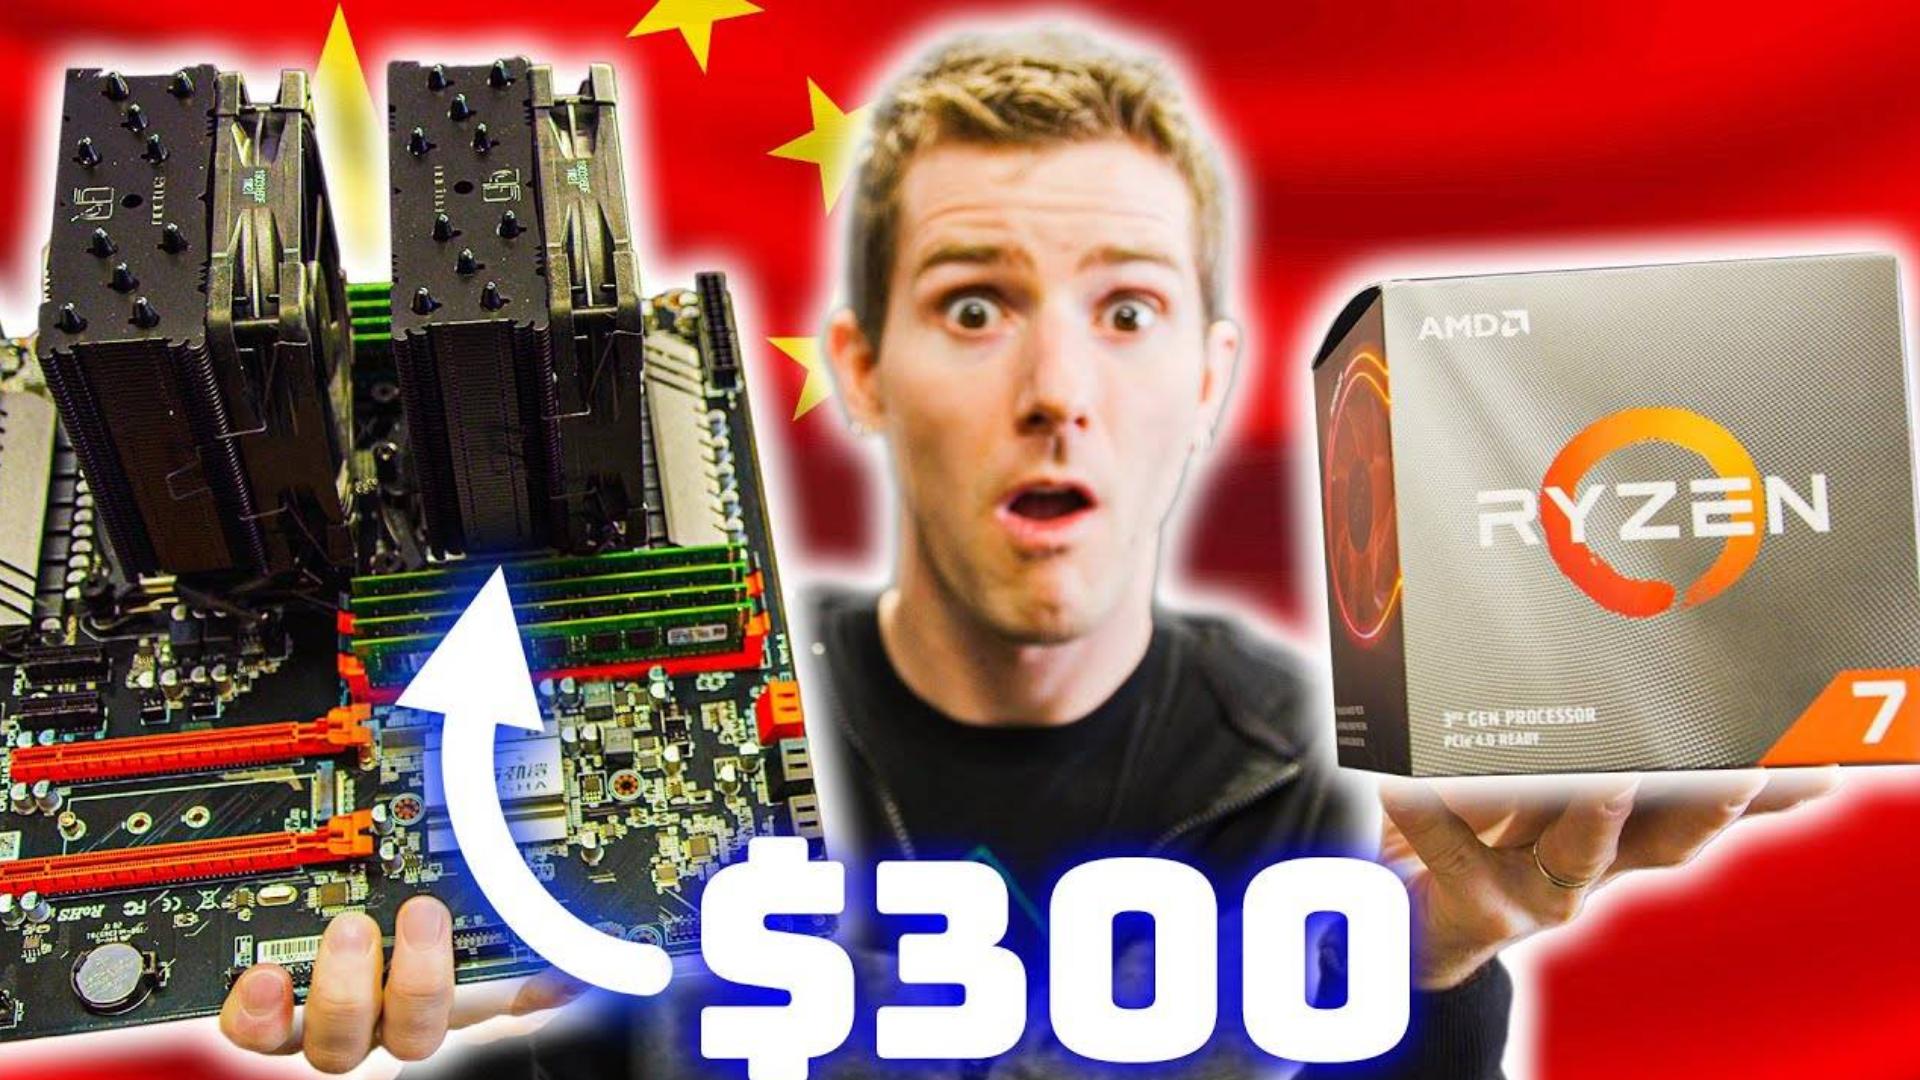 【官方双语】比AMD性价比还高?用8核的钱买16核!#linus谈科技